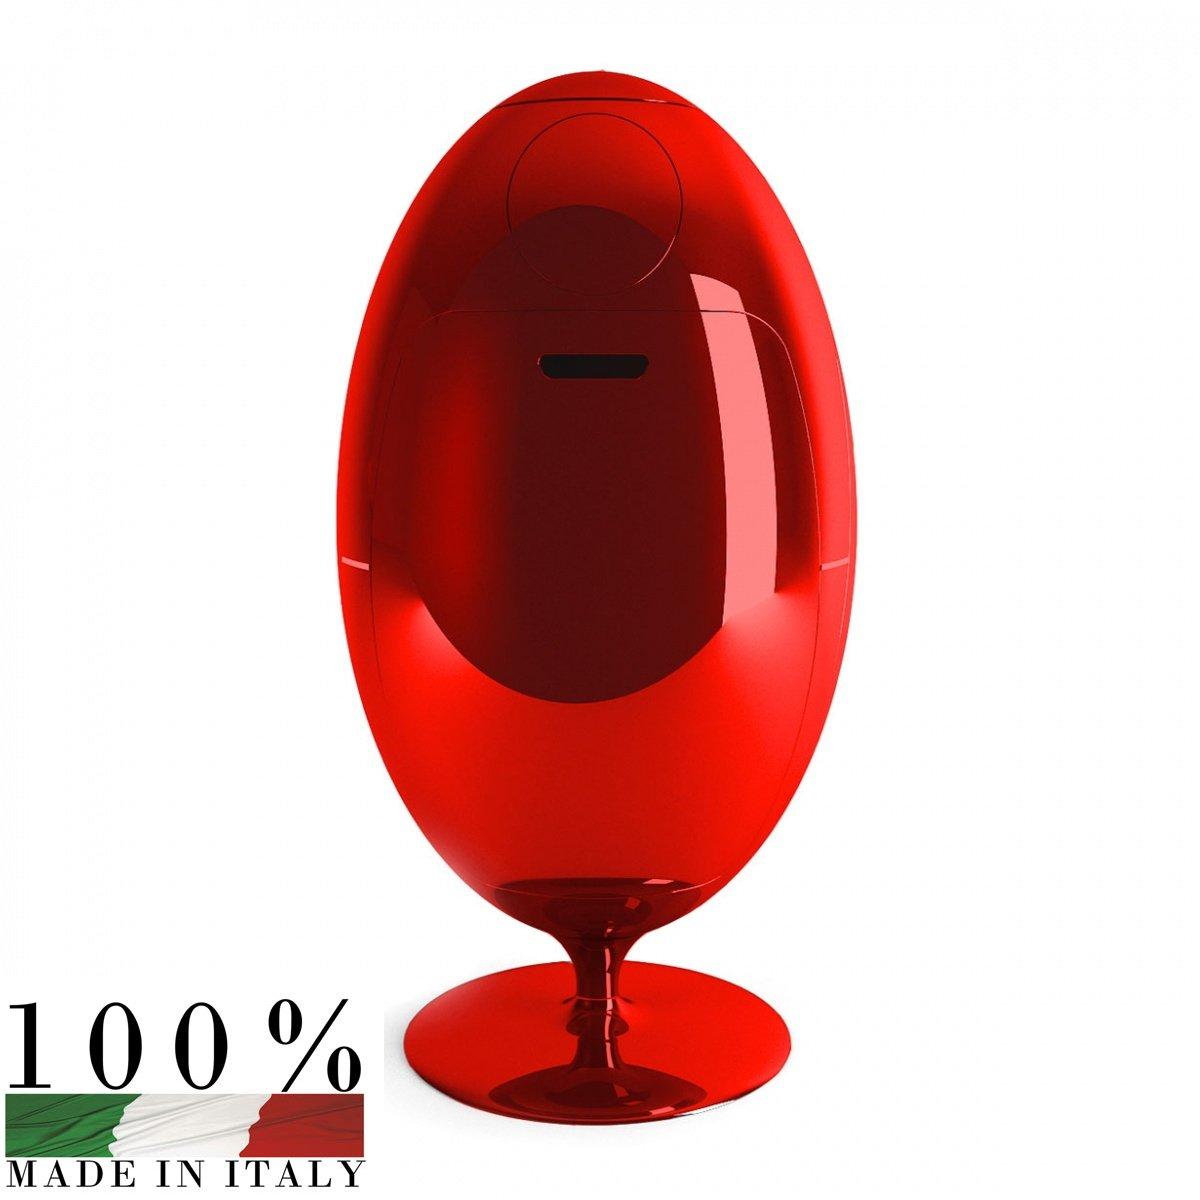 Wohnzimmer und Kamin design heizkörper küche : Soldi Design: OVETTO schimmerndem Rot ABFALLEIMER Soldi ...